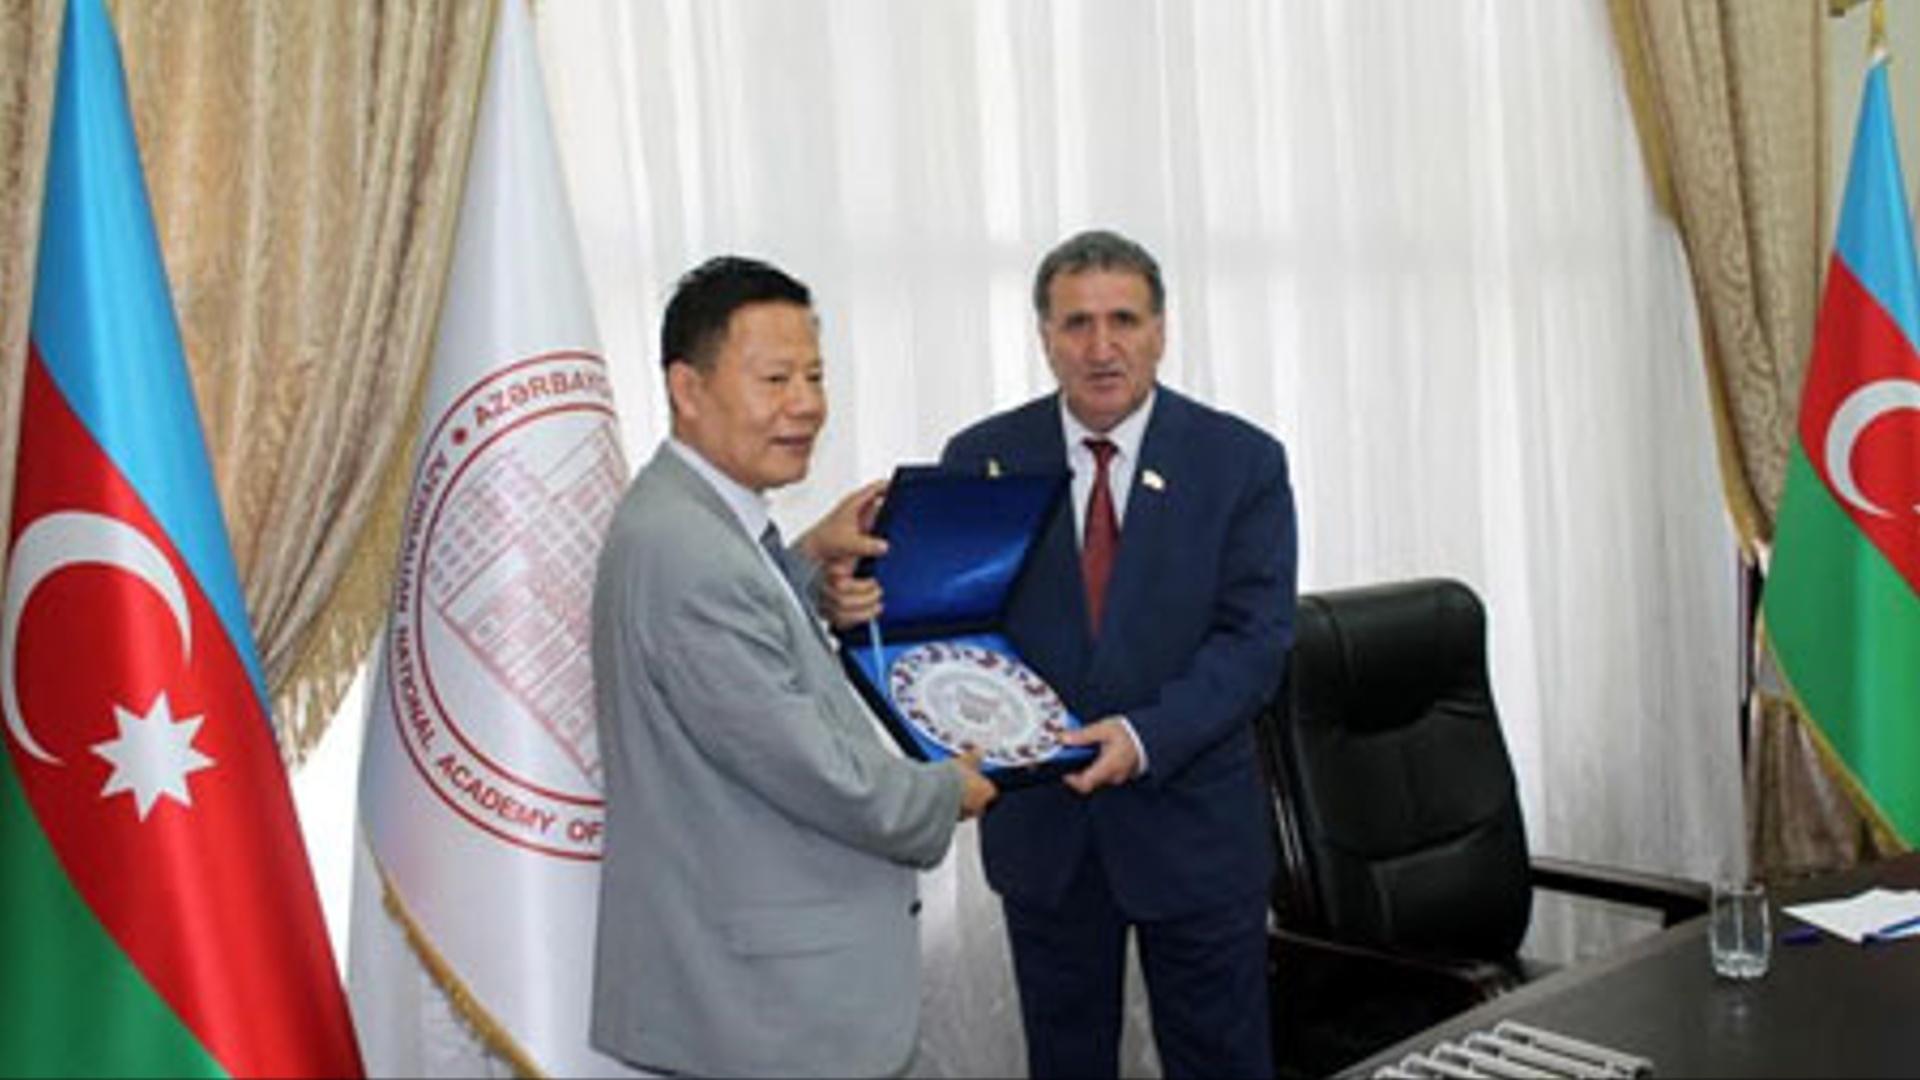 Azərbaycan-Çin elmi əlaqələri genişləndirilir